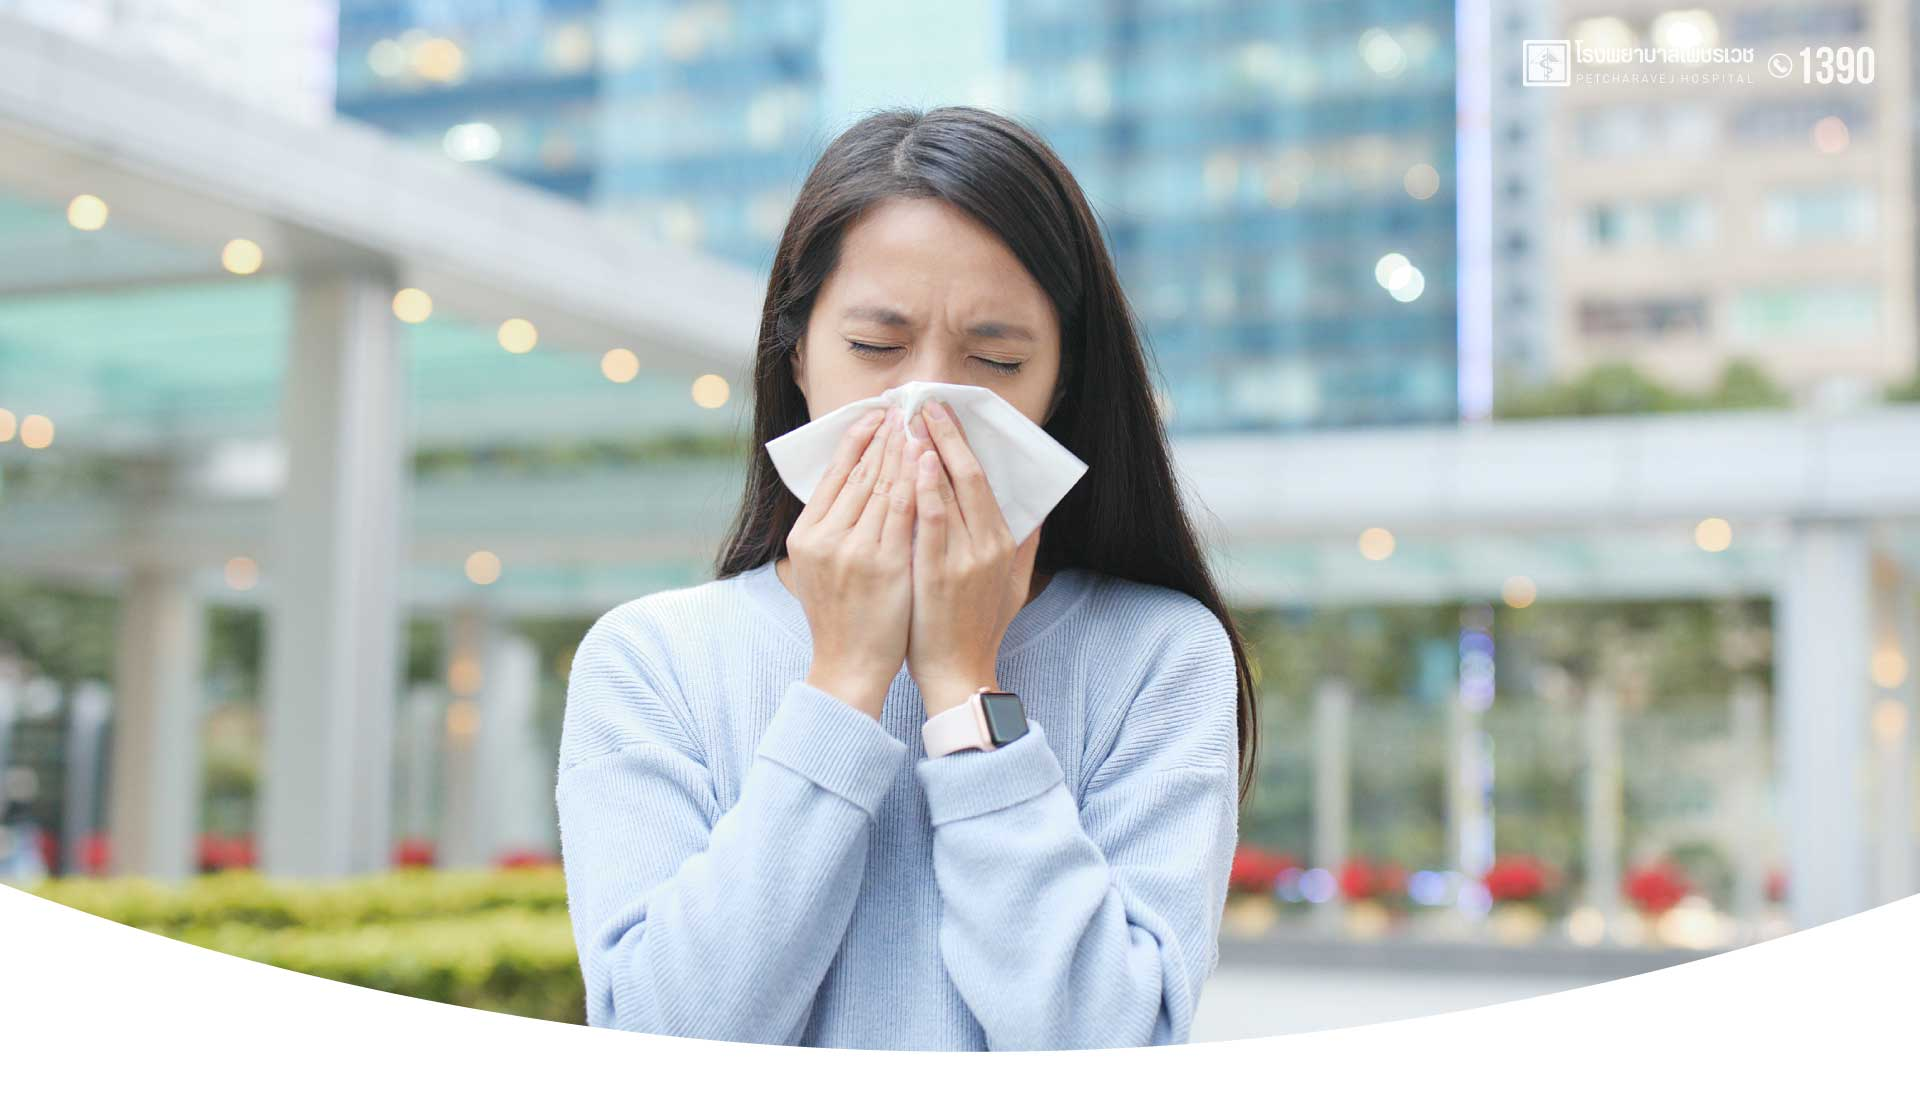 โรคไข้หวัดใหญ่ โรคประจำฤดูกาลที่ใครๆก็สามารถเป็นได้ในประเทศไทย